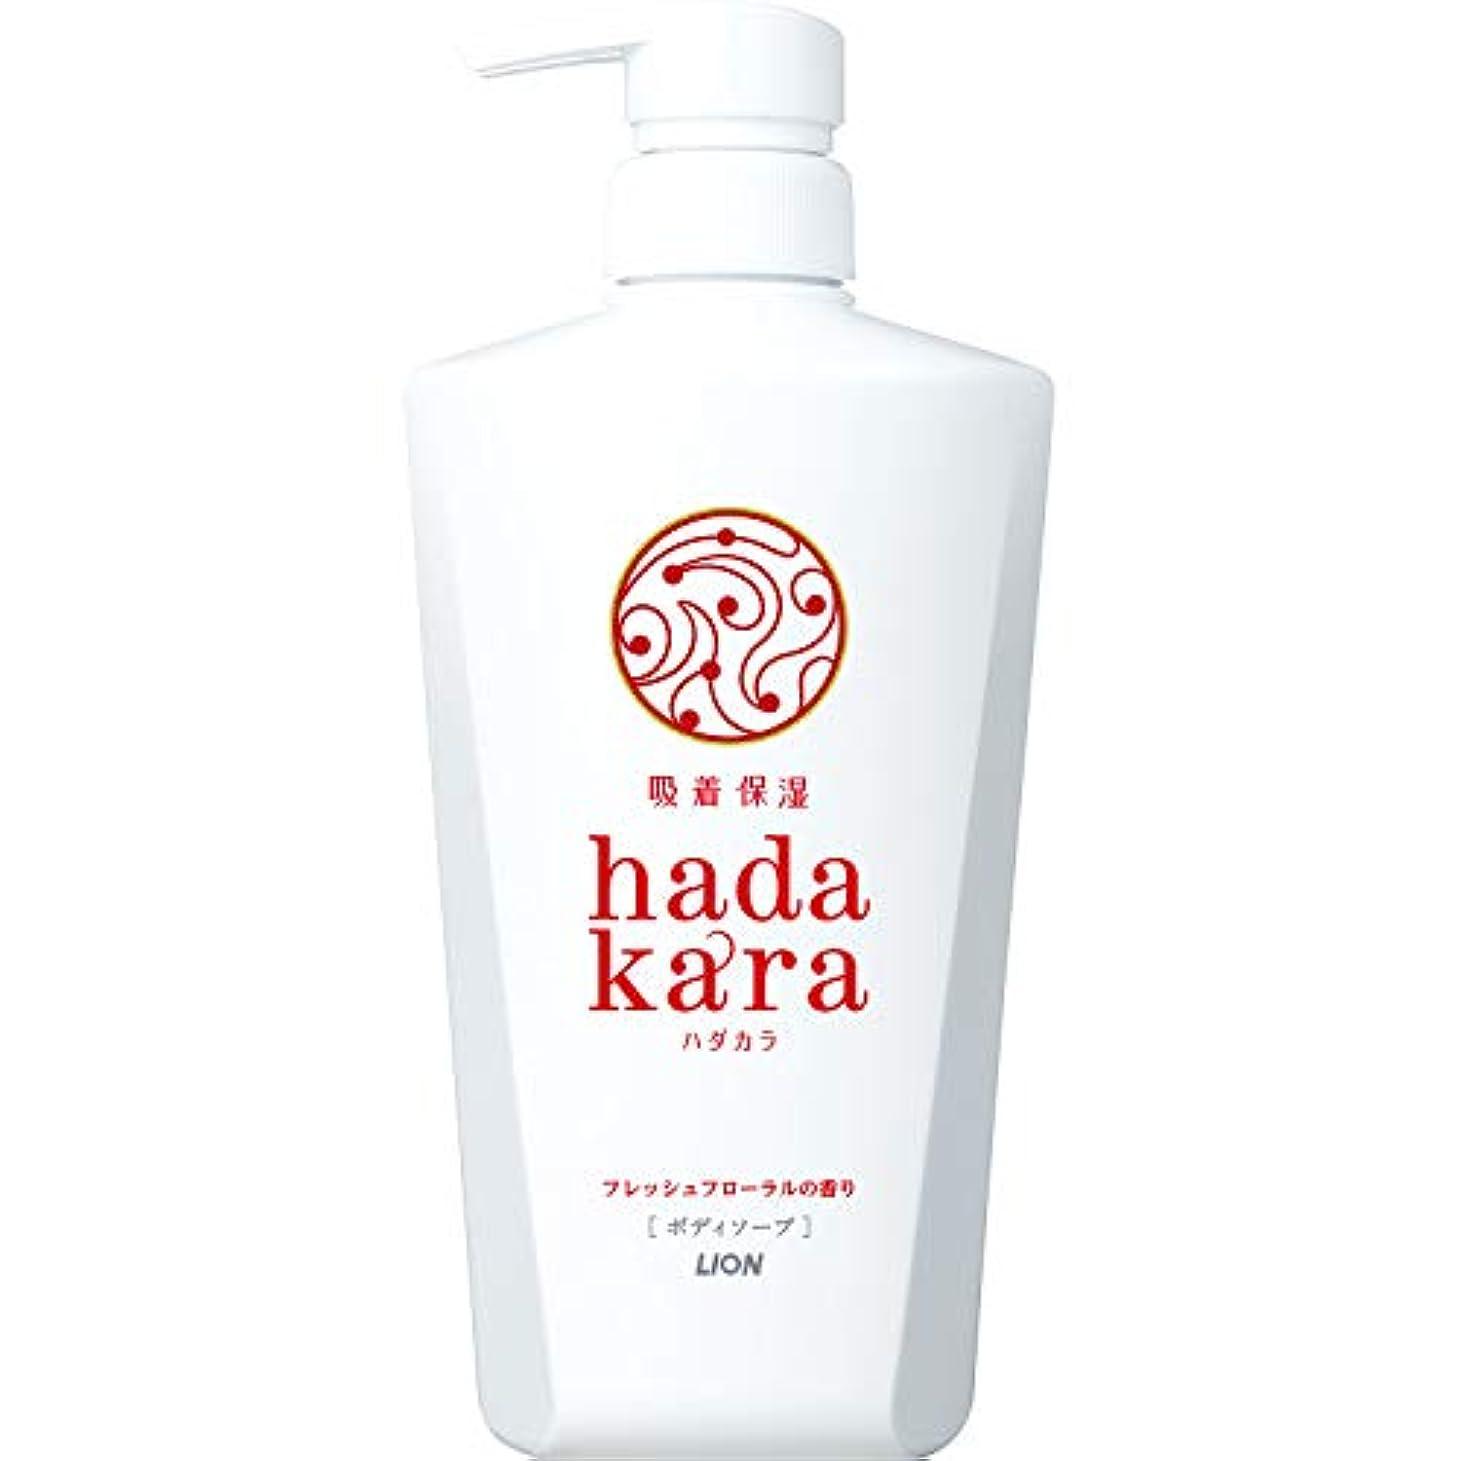 地味なレスリング窒息させるhadakara(ハダカラ) ボディソープ フローラルブーケの香り 本体 500ml